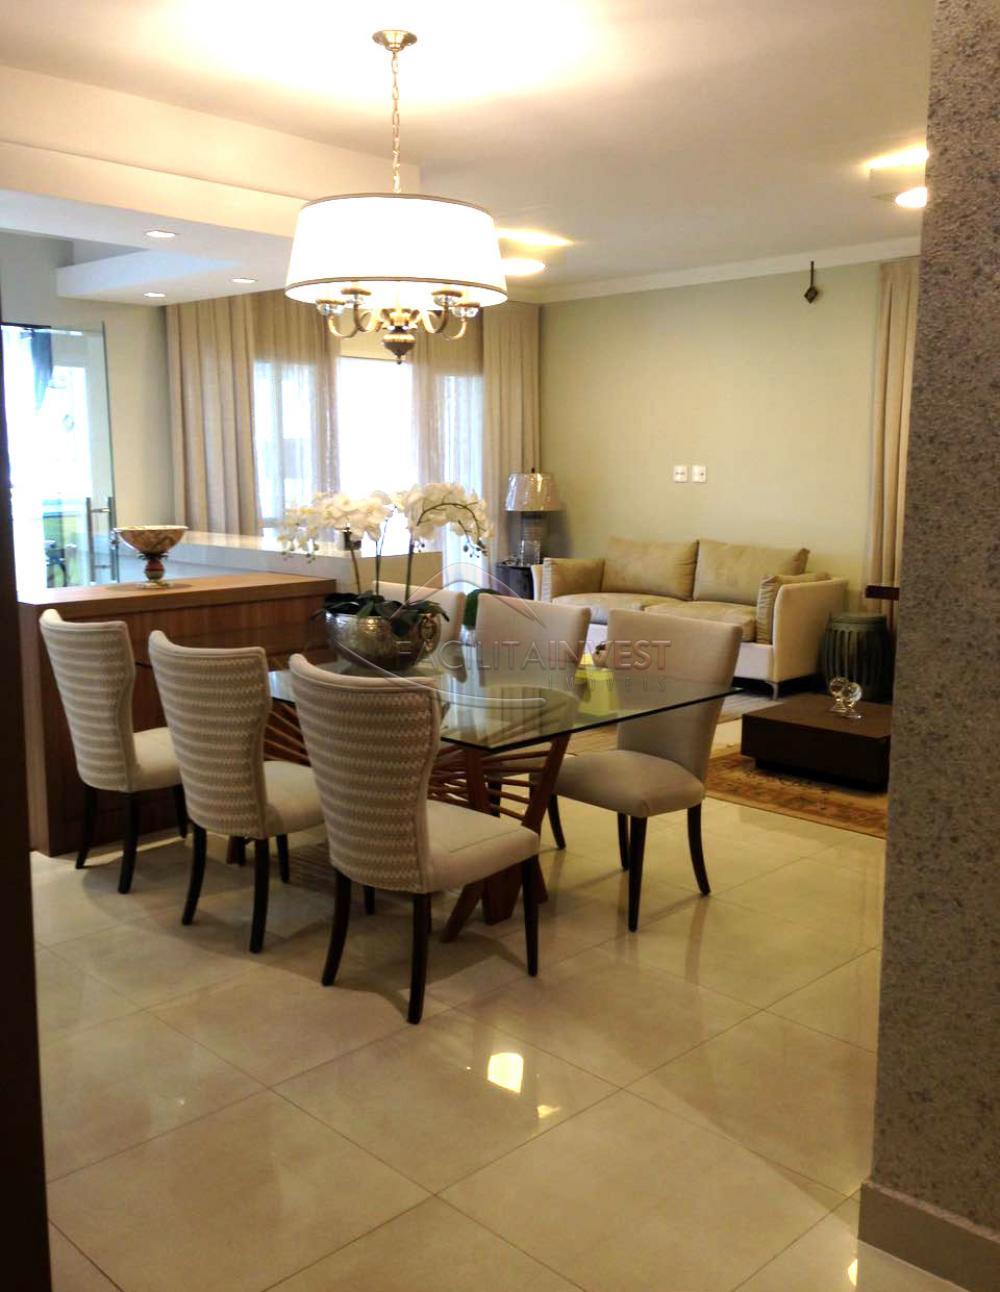 Comprar Lançamentos/ Empreendimentos em Construç / Apartamento padrão - Lançamento em Ribeirão Preto apenas R$ 950.567,00 - Foto 1